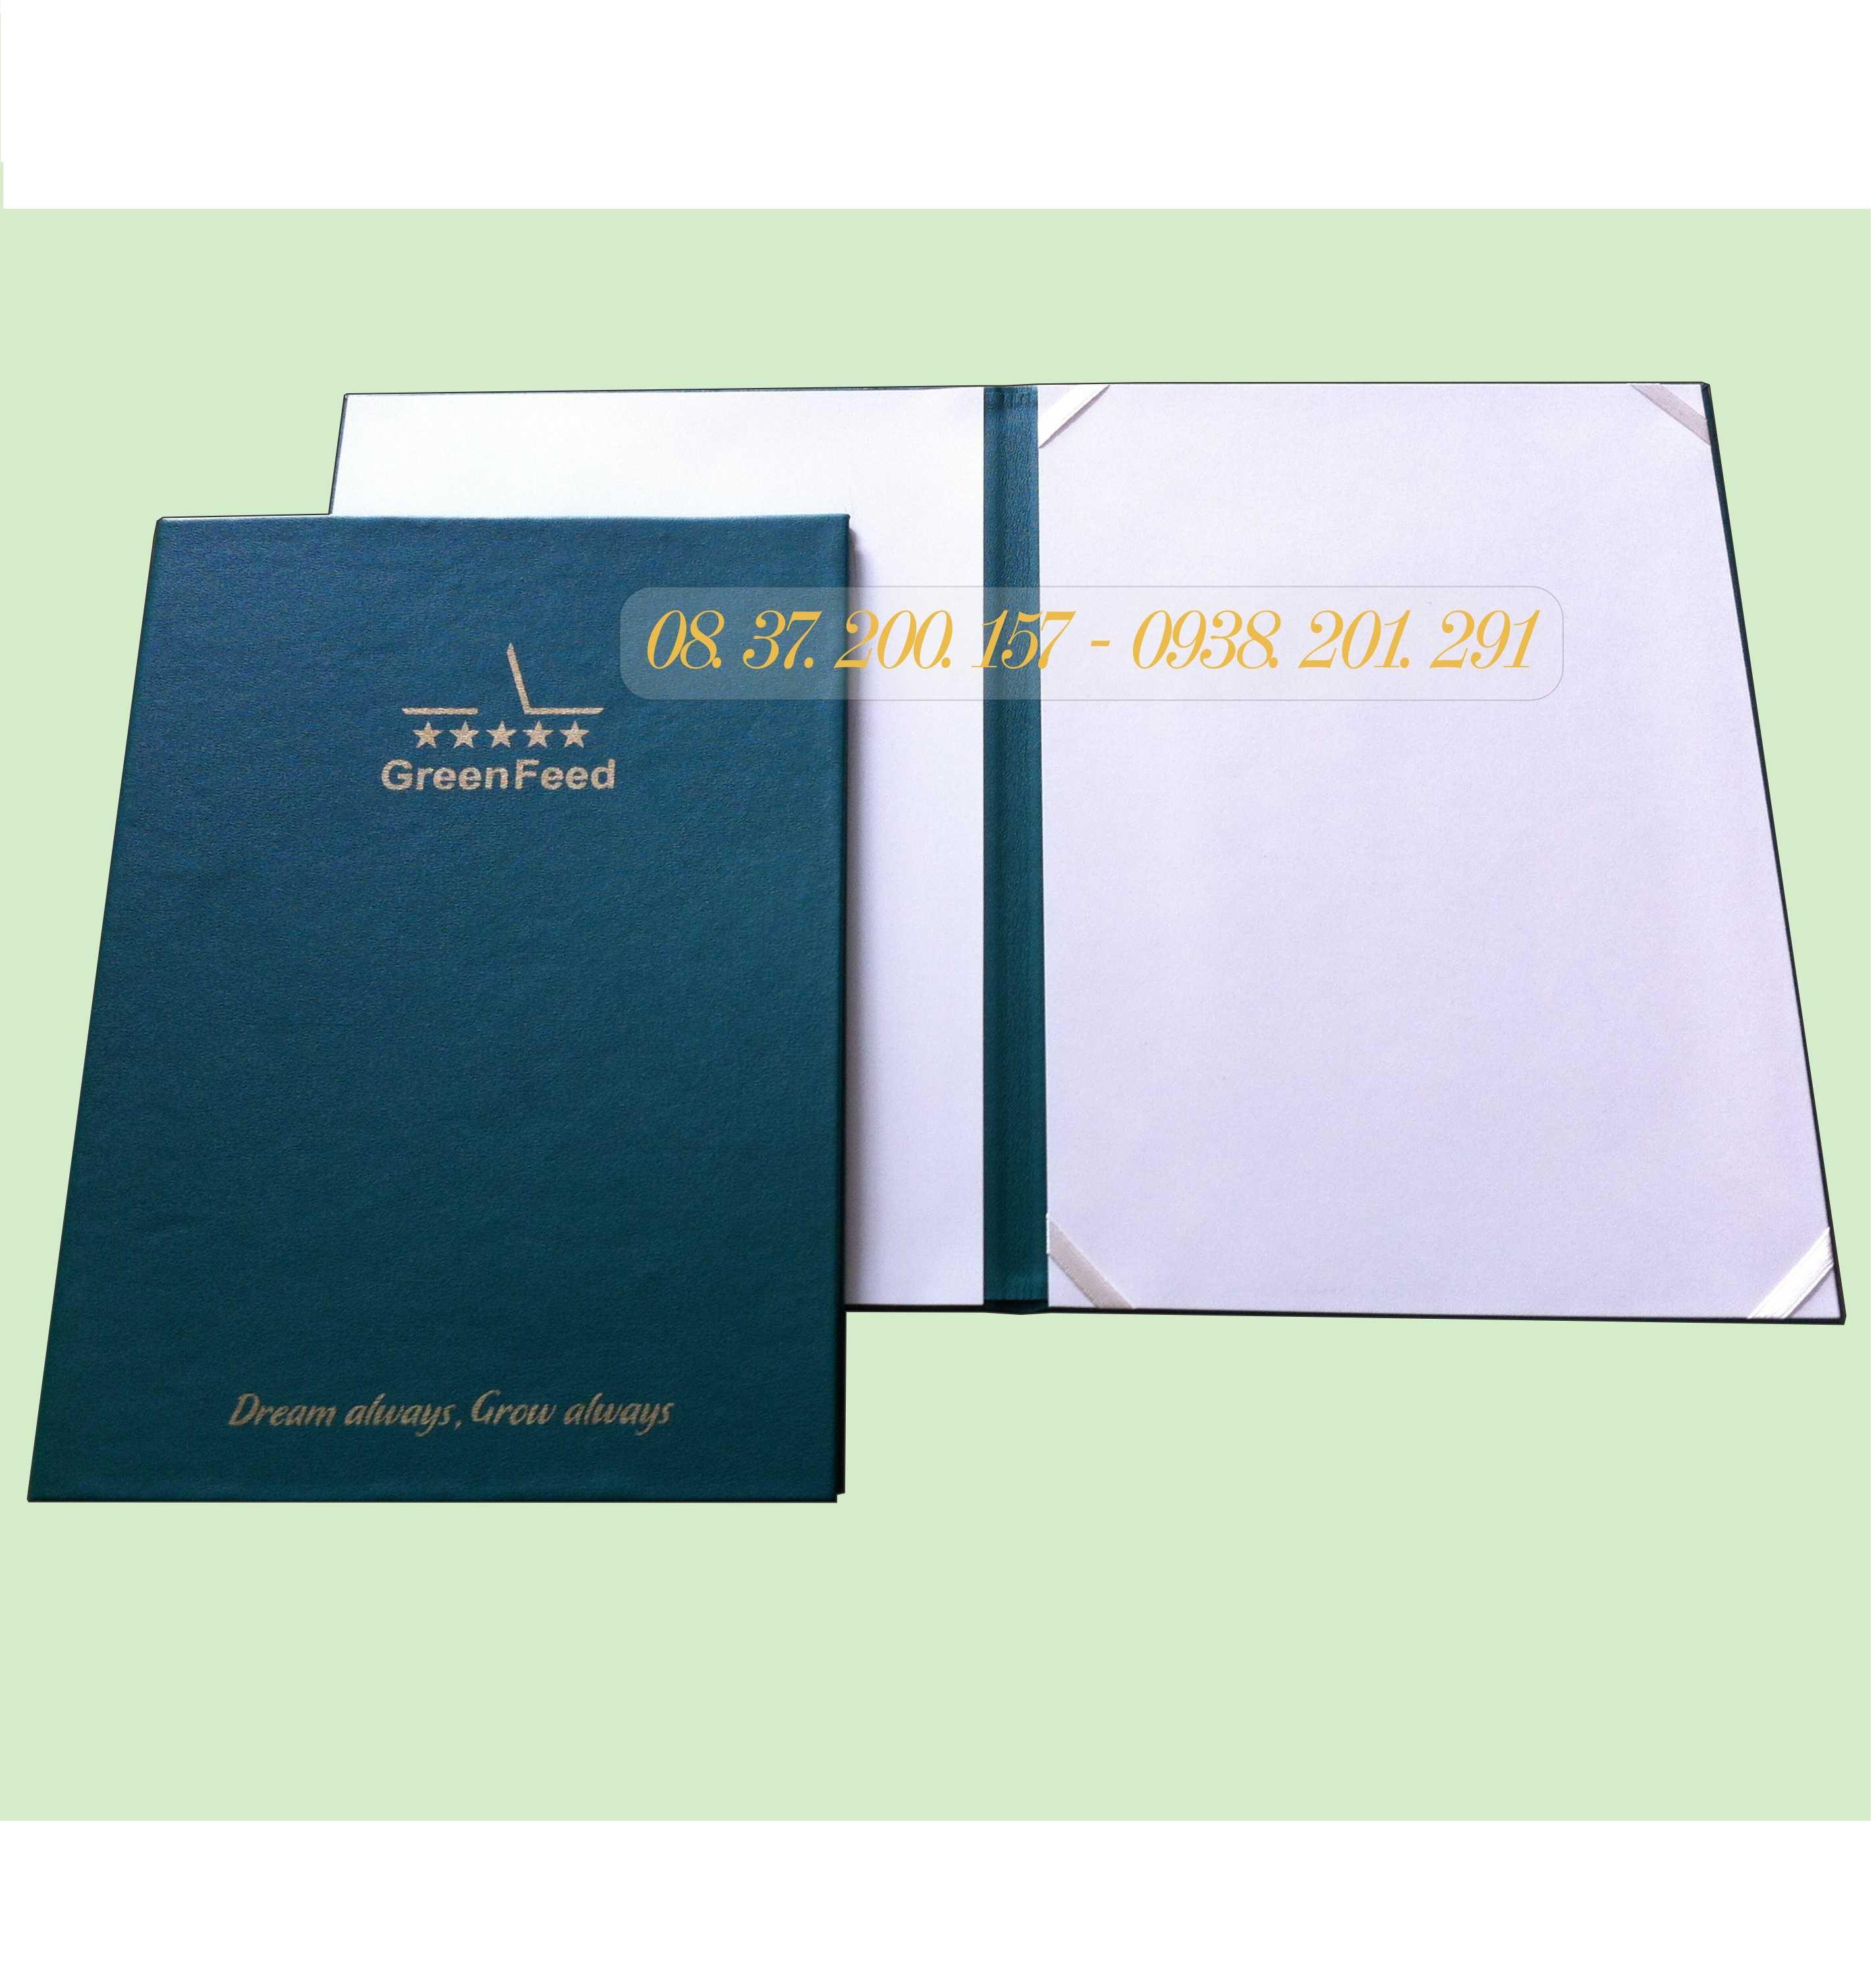 List Sản xuất bìa bằng chứng nhận, bìa chứng chỉ tại TPHCM